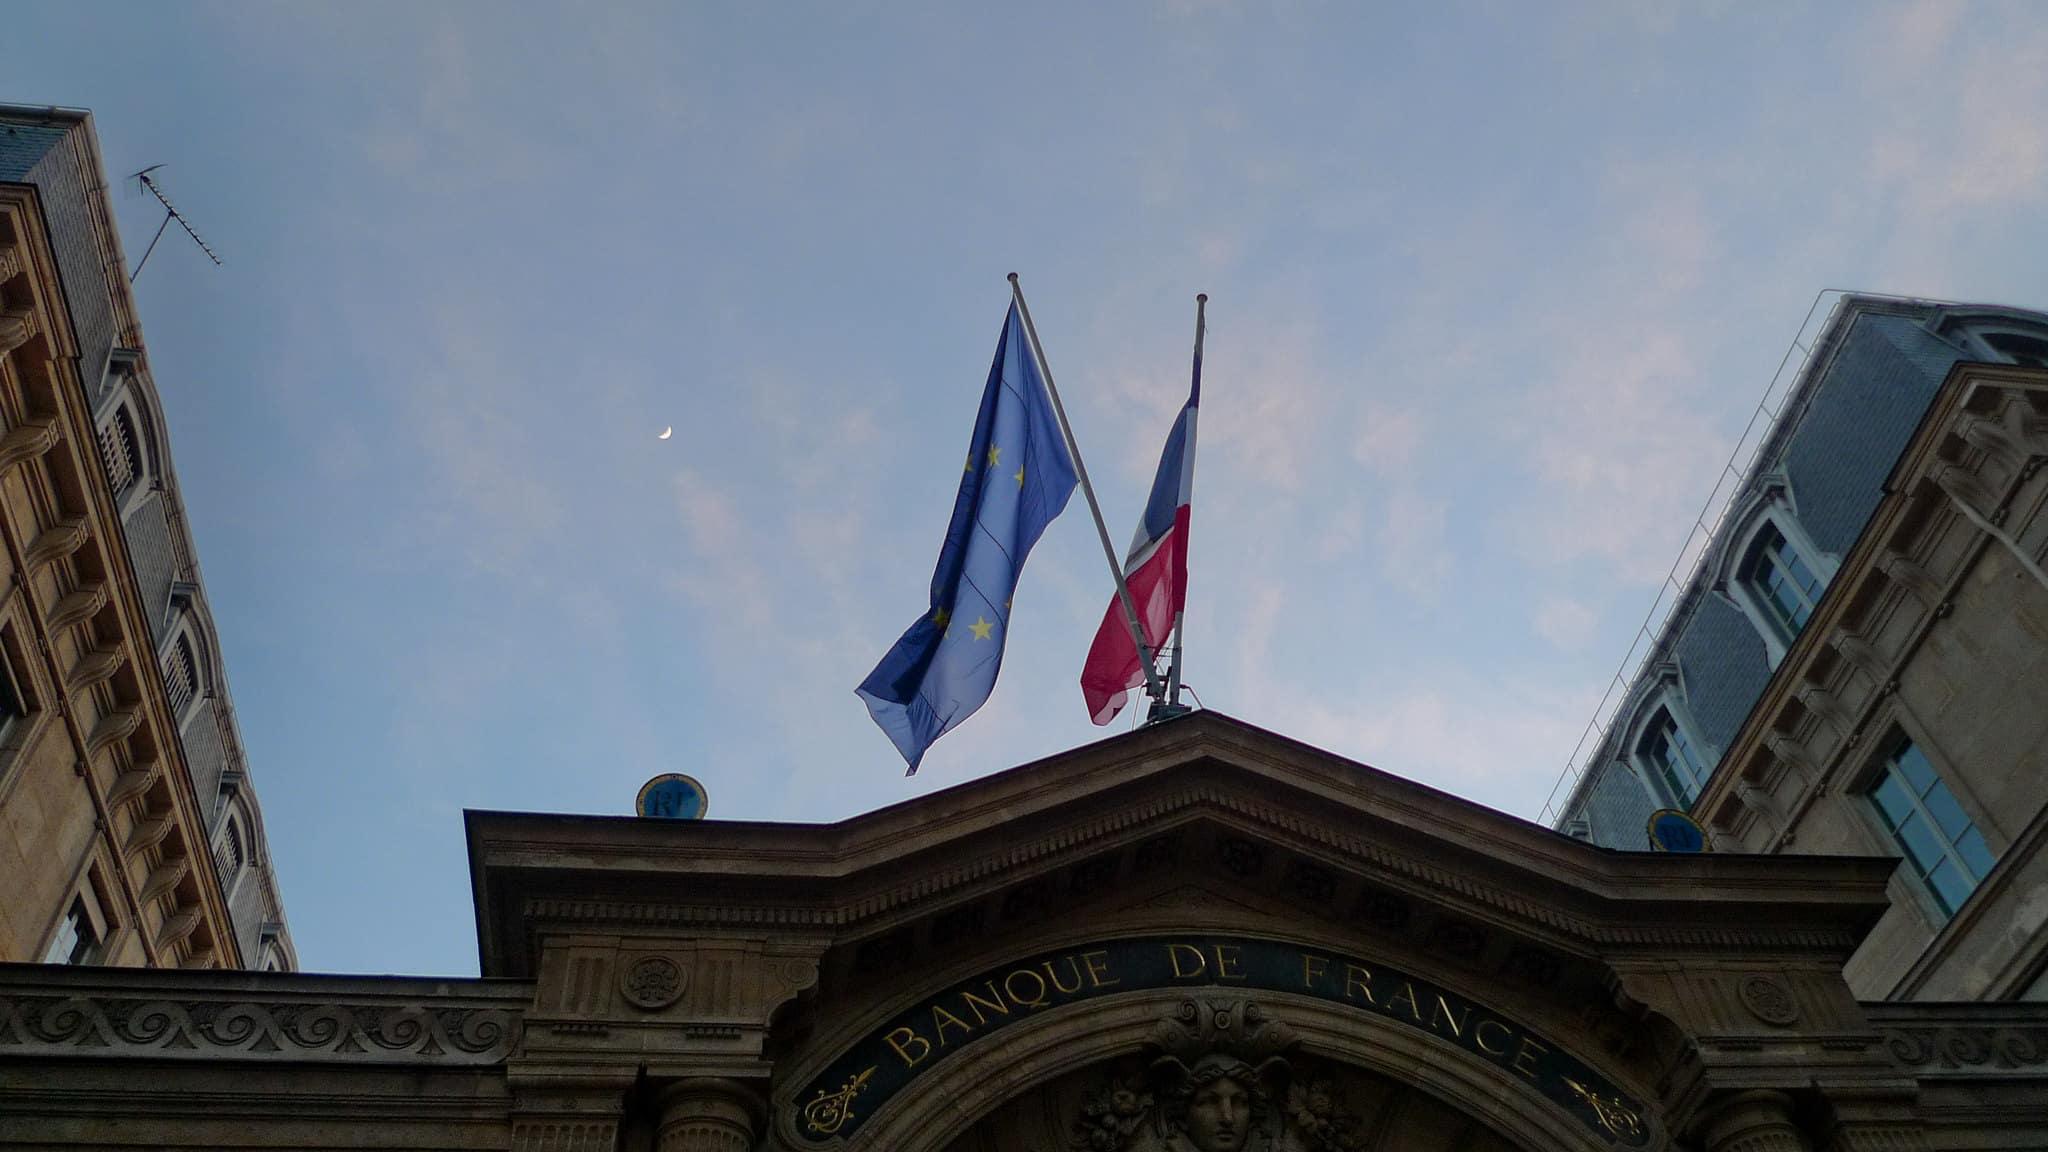 Les banques centrales suisse et française vont se transférer de la monnaie numérique